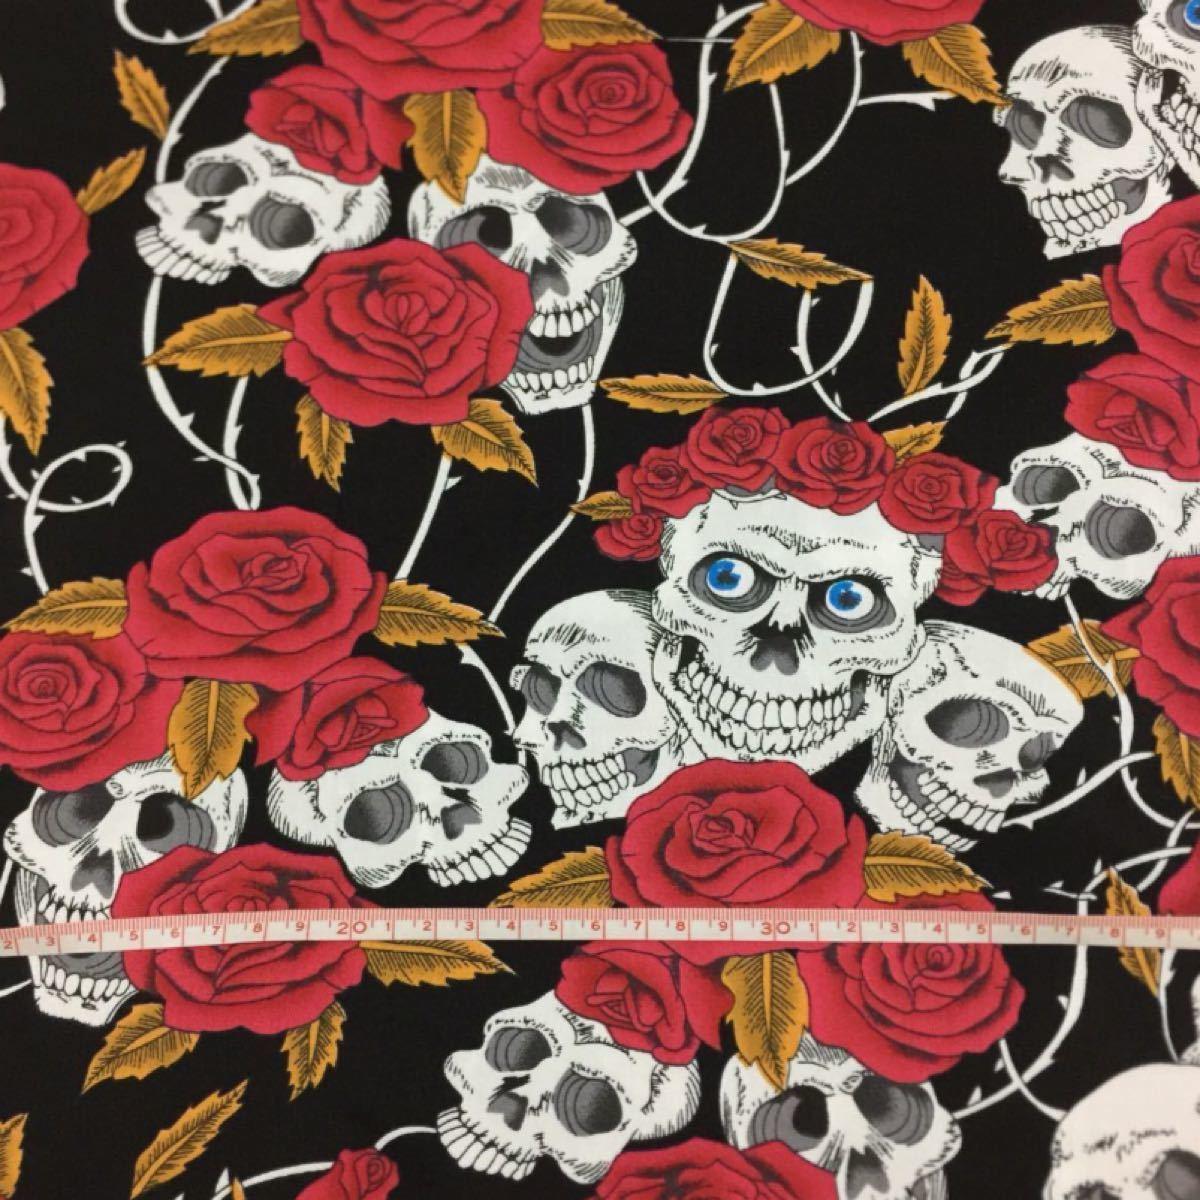 専用 生地 ハギレ 布  100cm バラ 薔薇 花柄 ドクロ ハロウィン 黒色